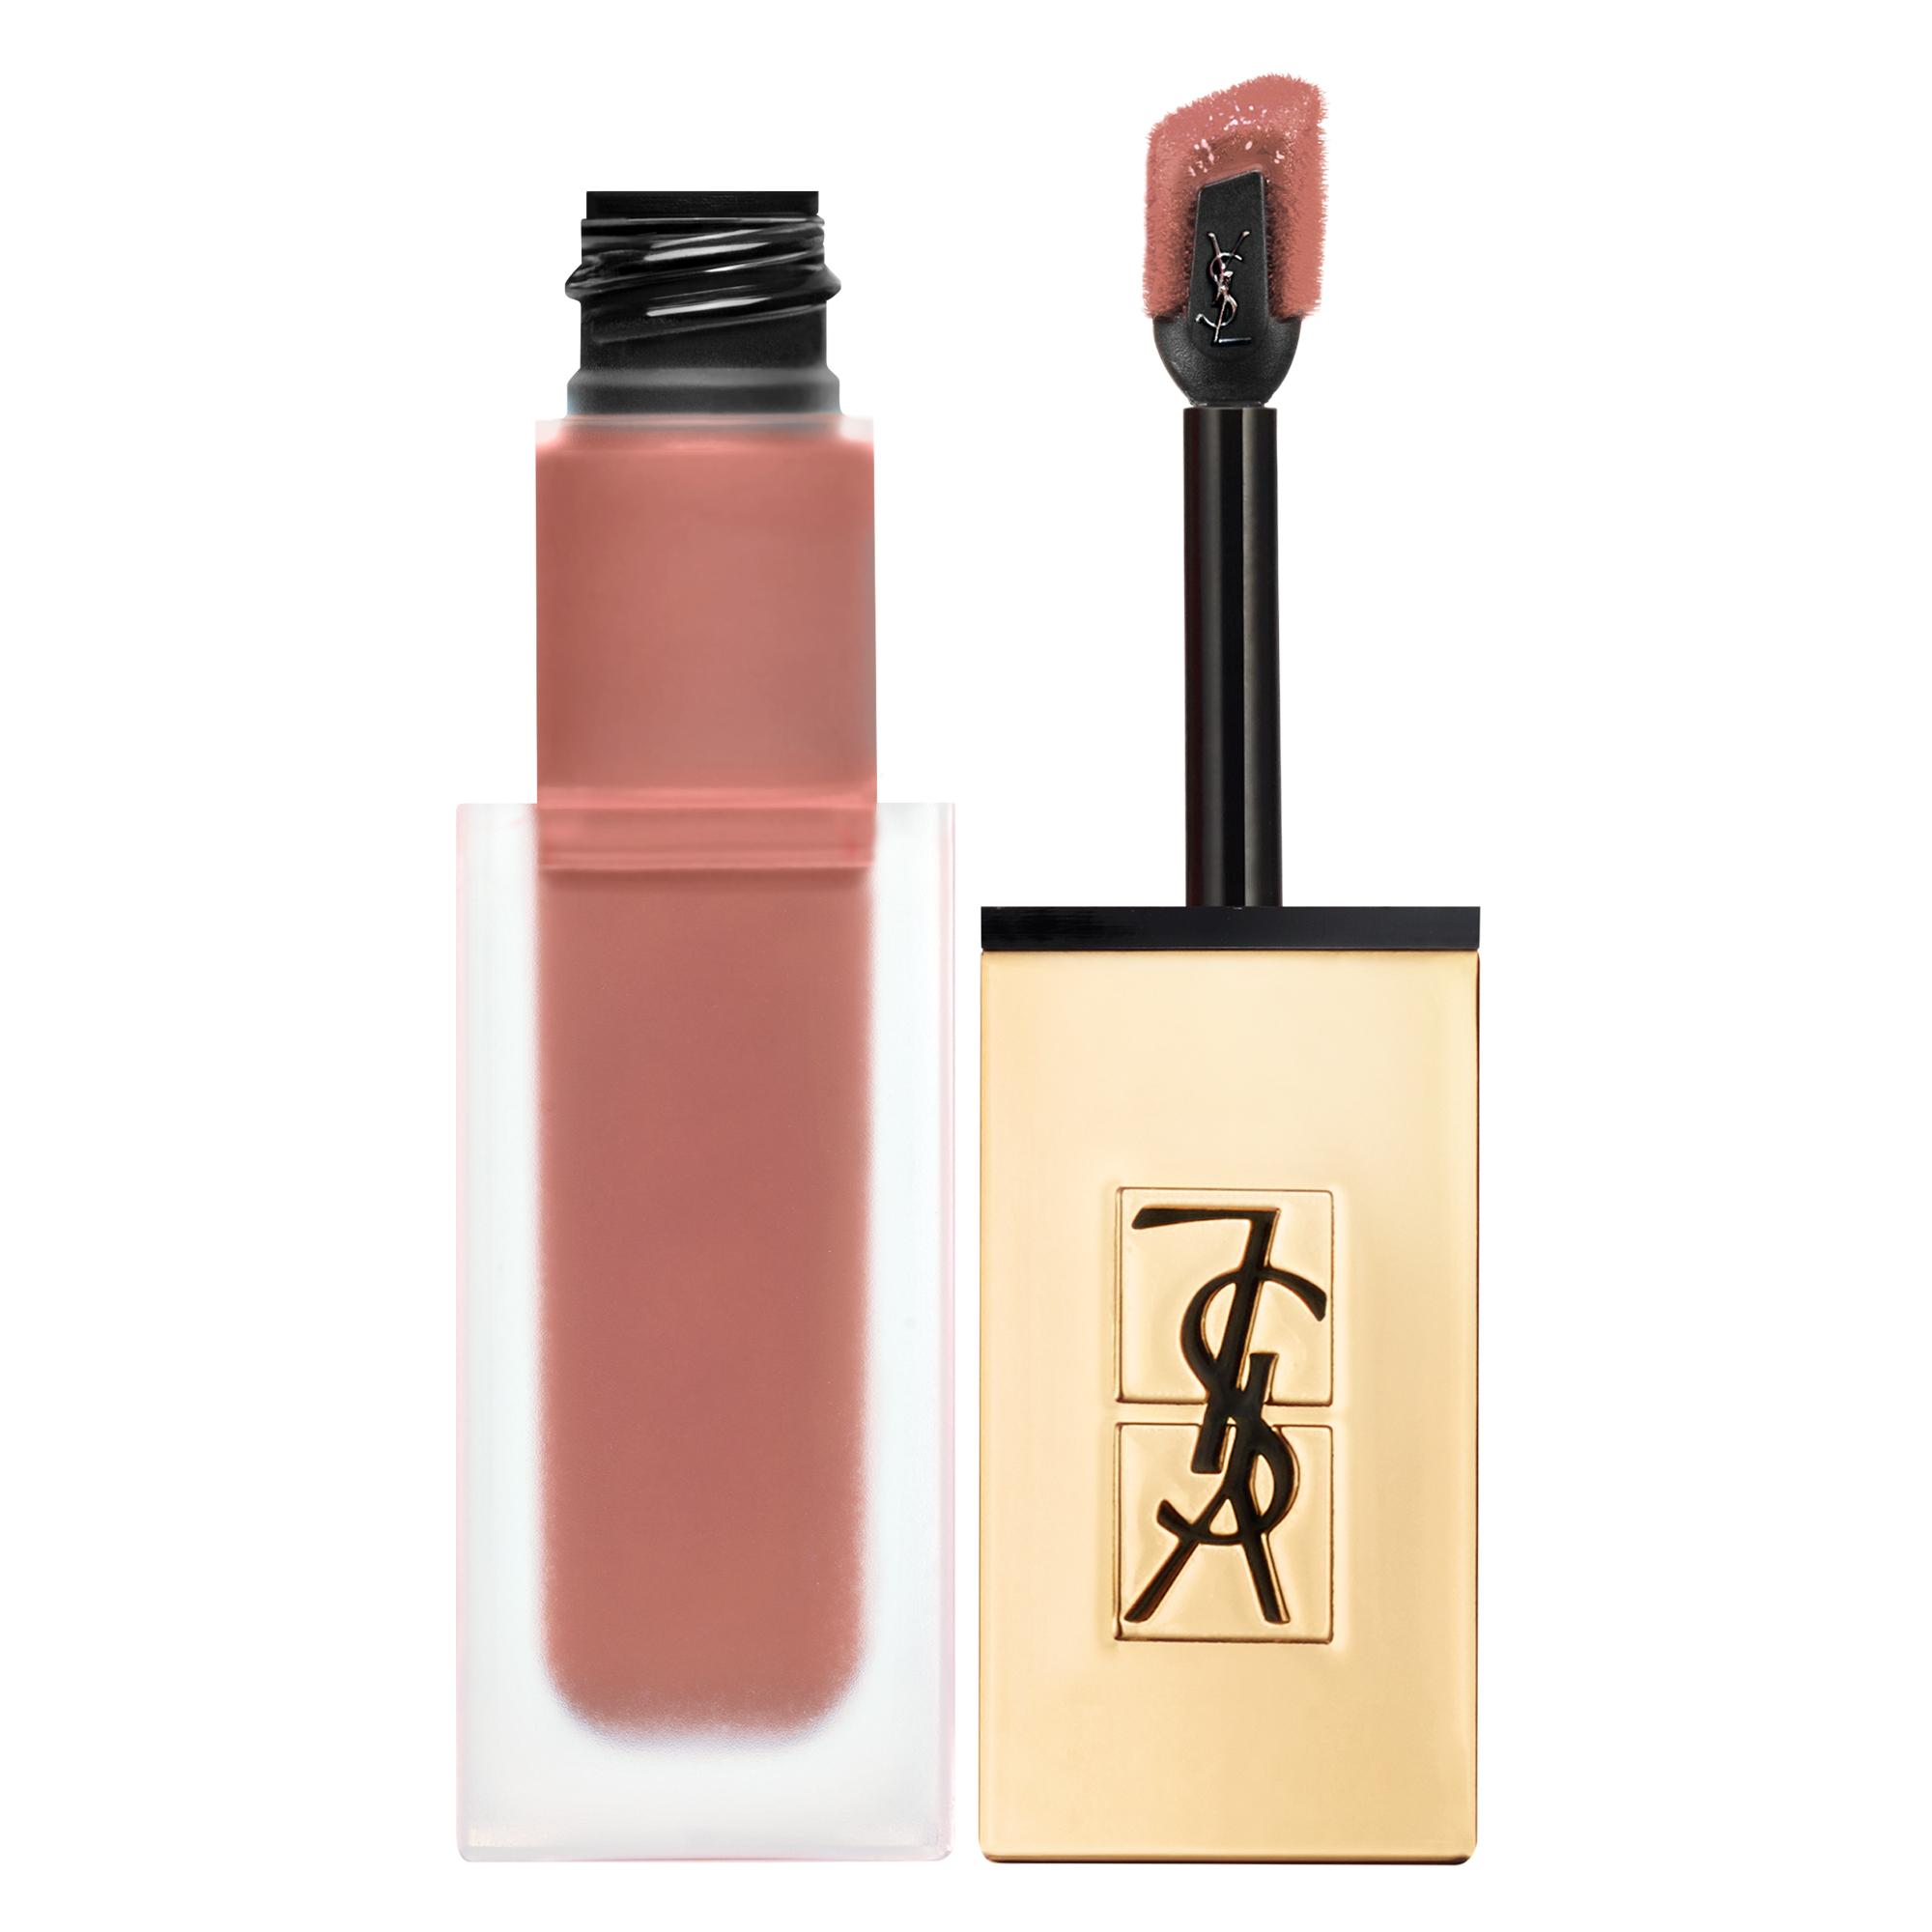 Tatouage Couture Lipstick 7 Nu Interdit